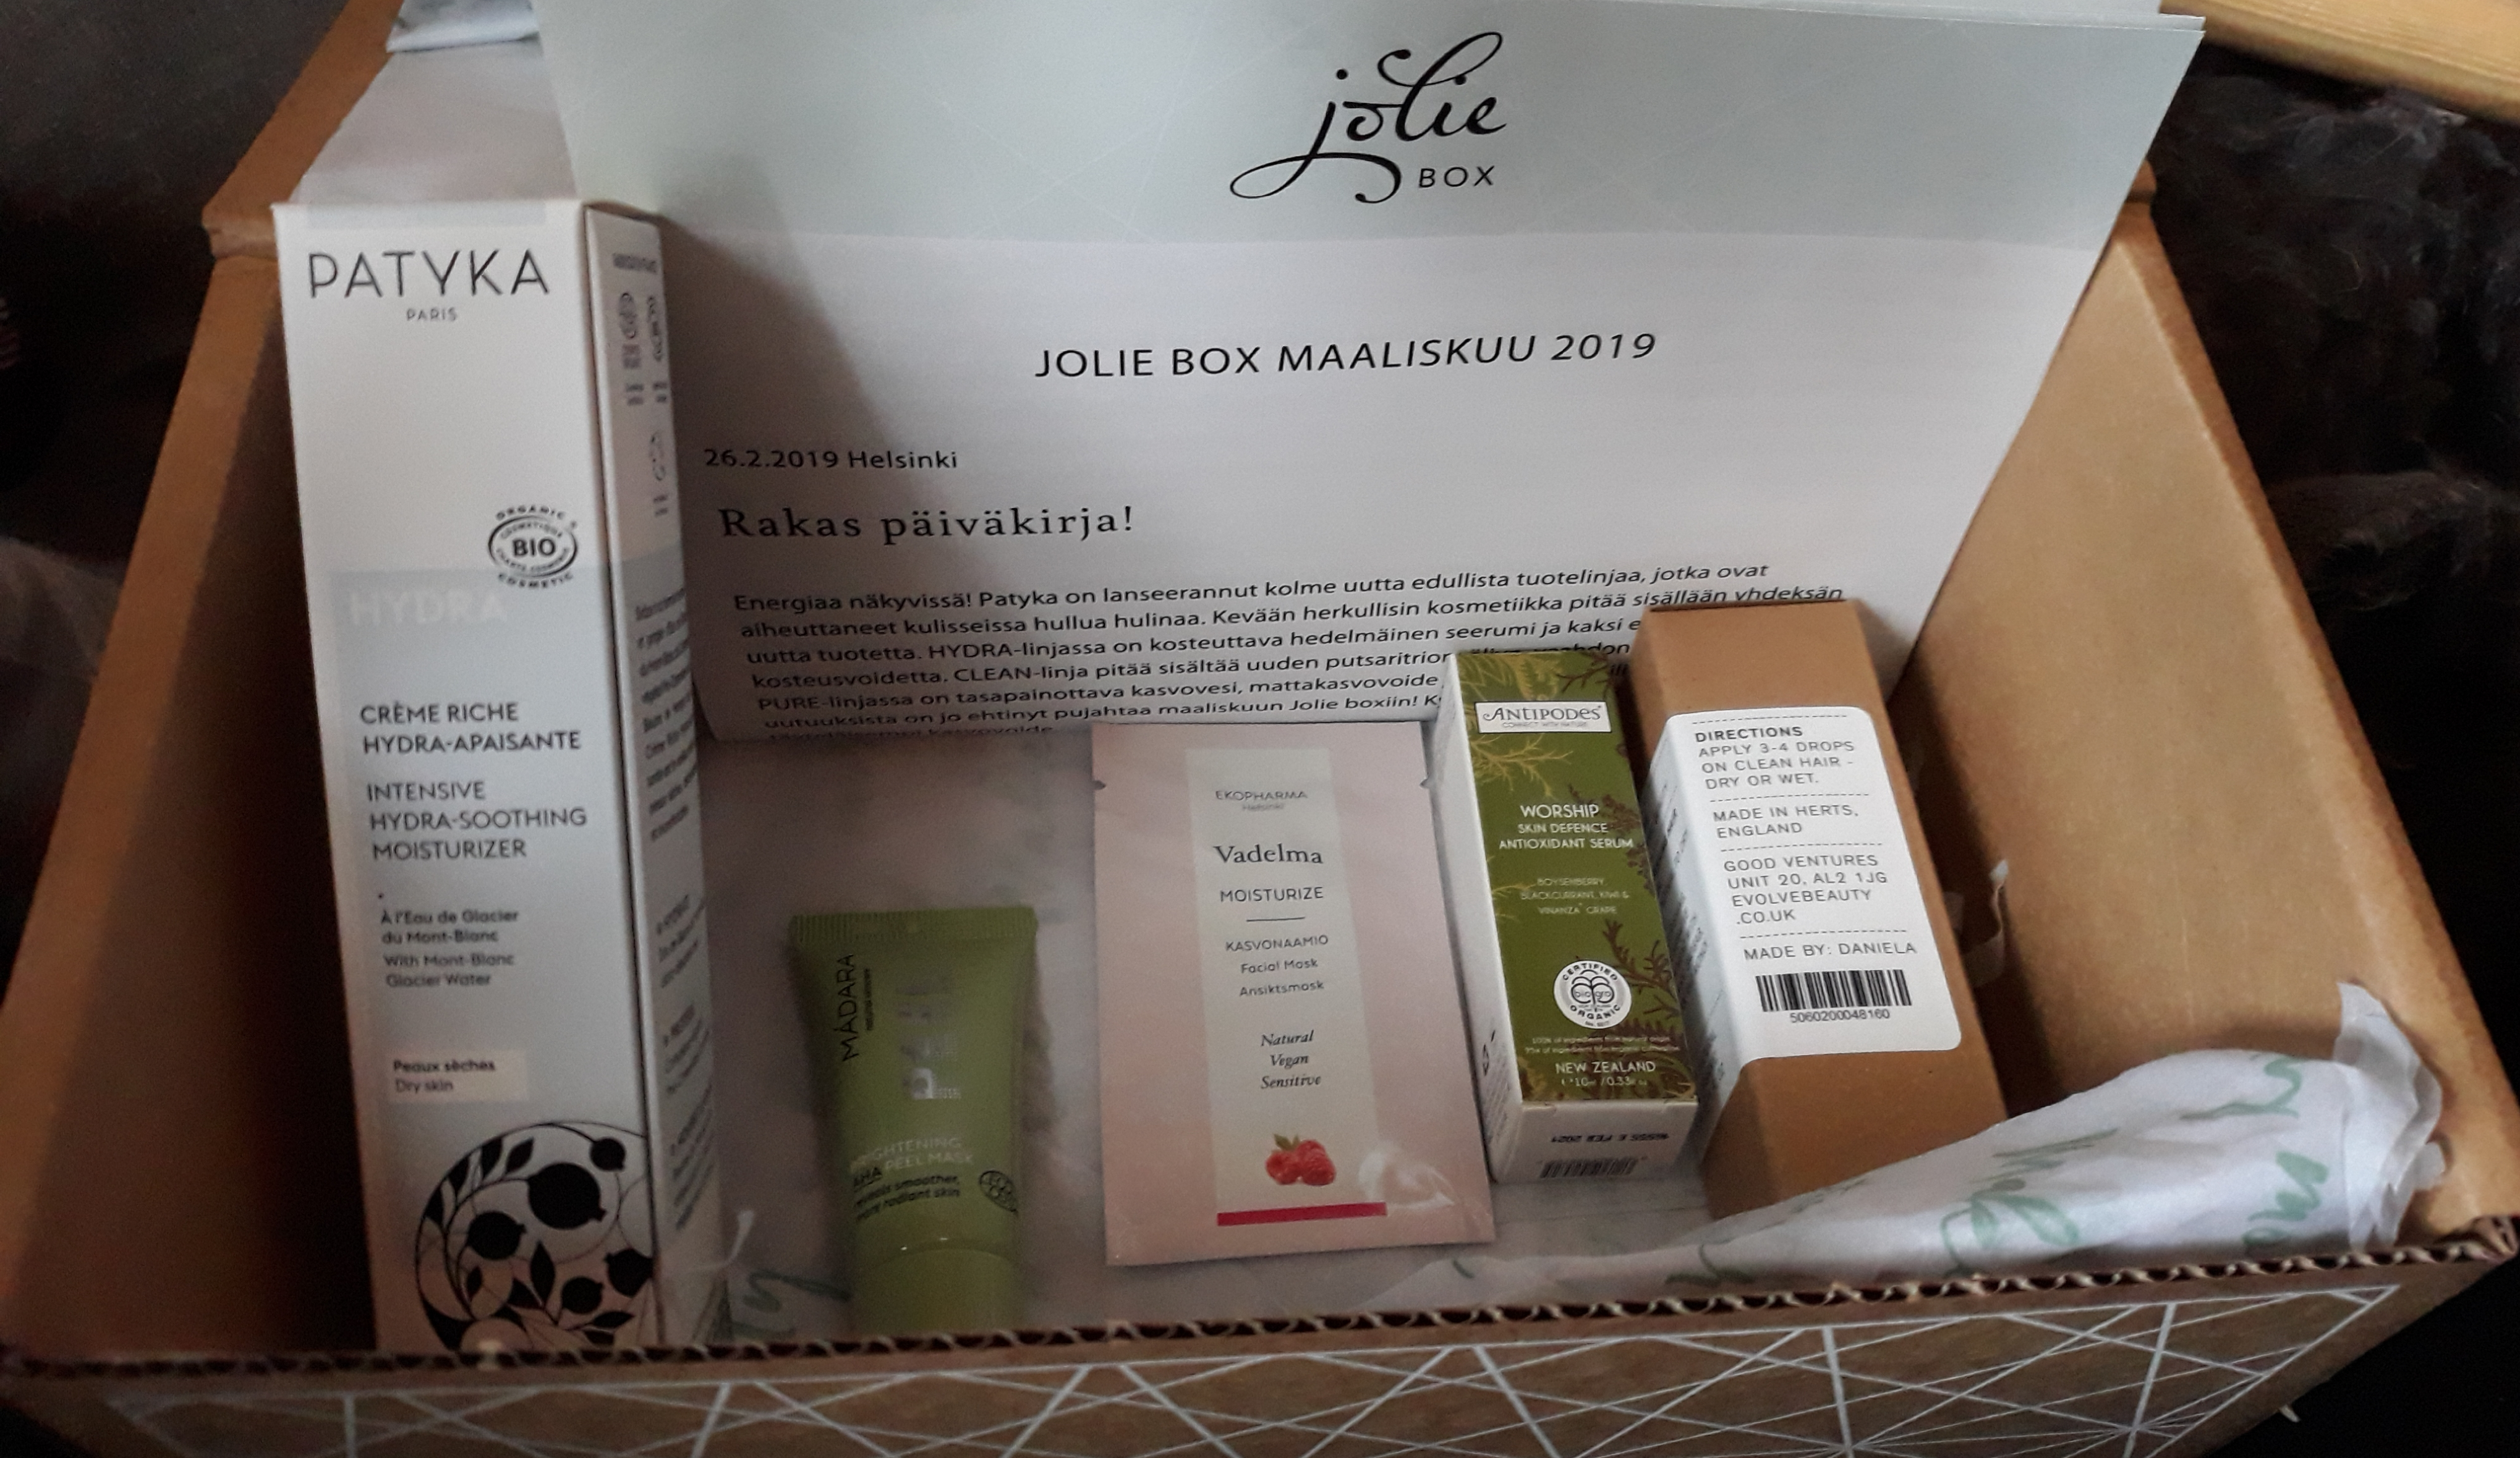 Pikku kurkistus maaliskuun Jolie box